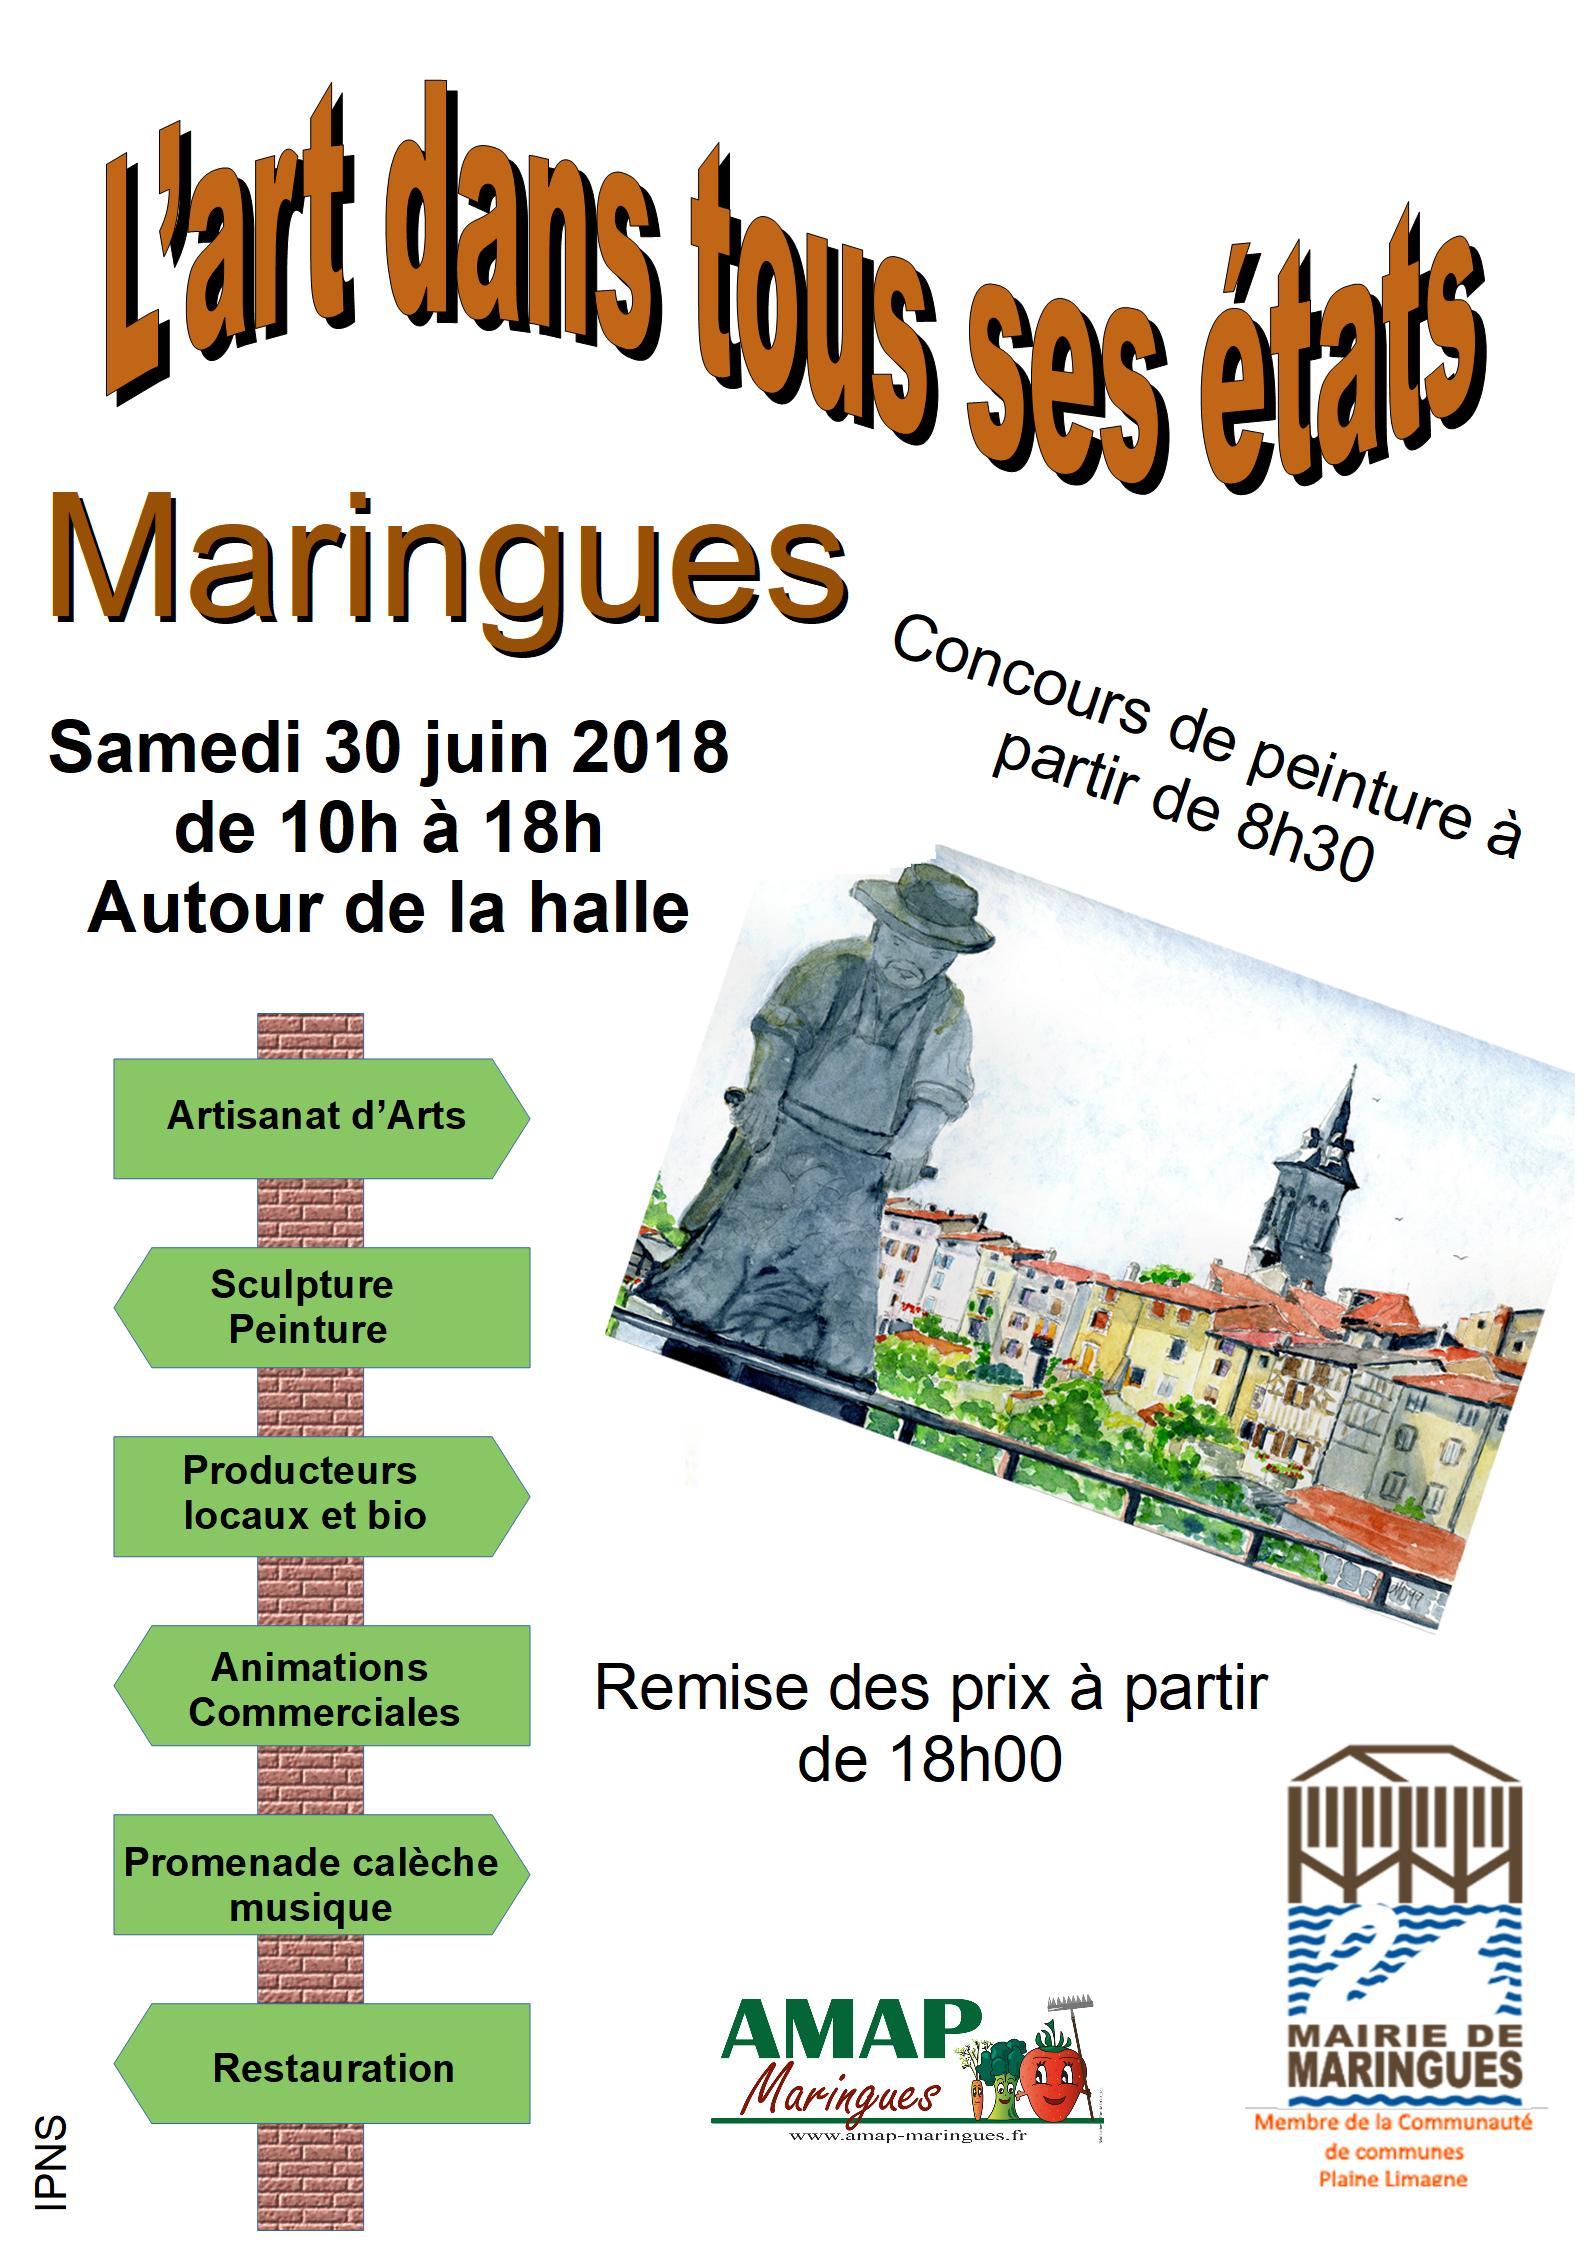 L'art dans tous ses états c'est le 30 juin 2018 à Maringues